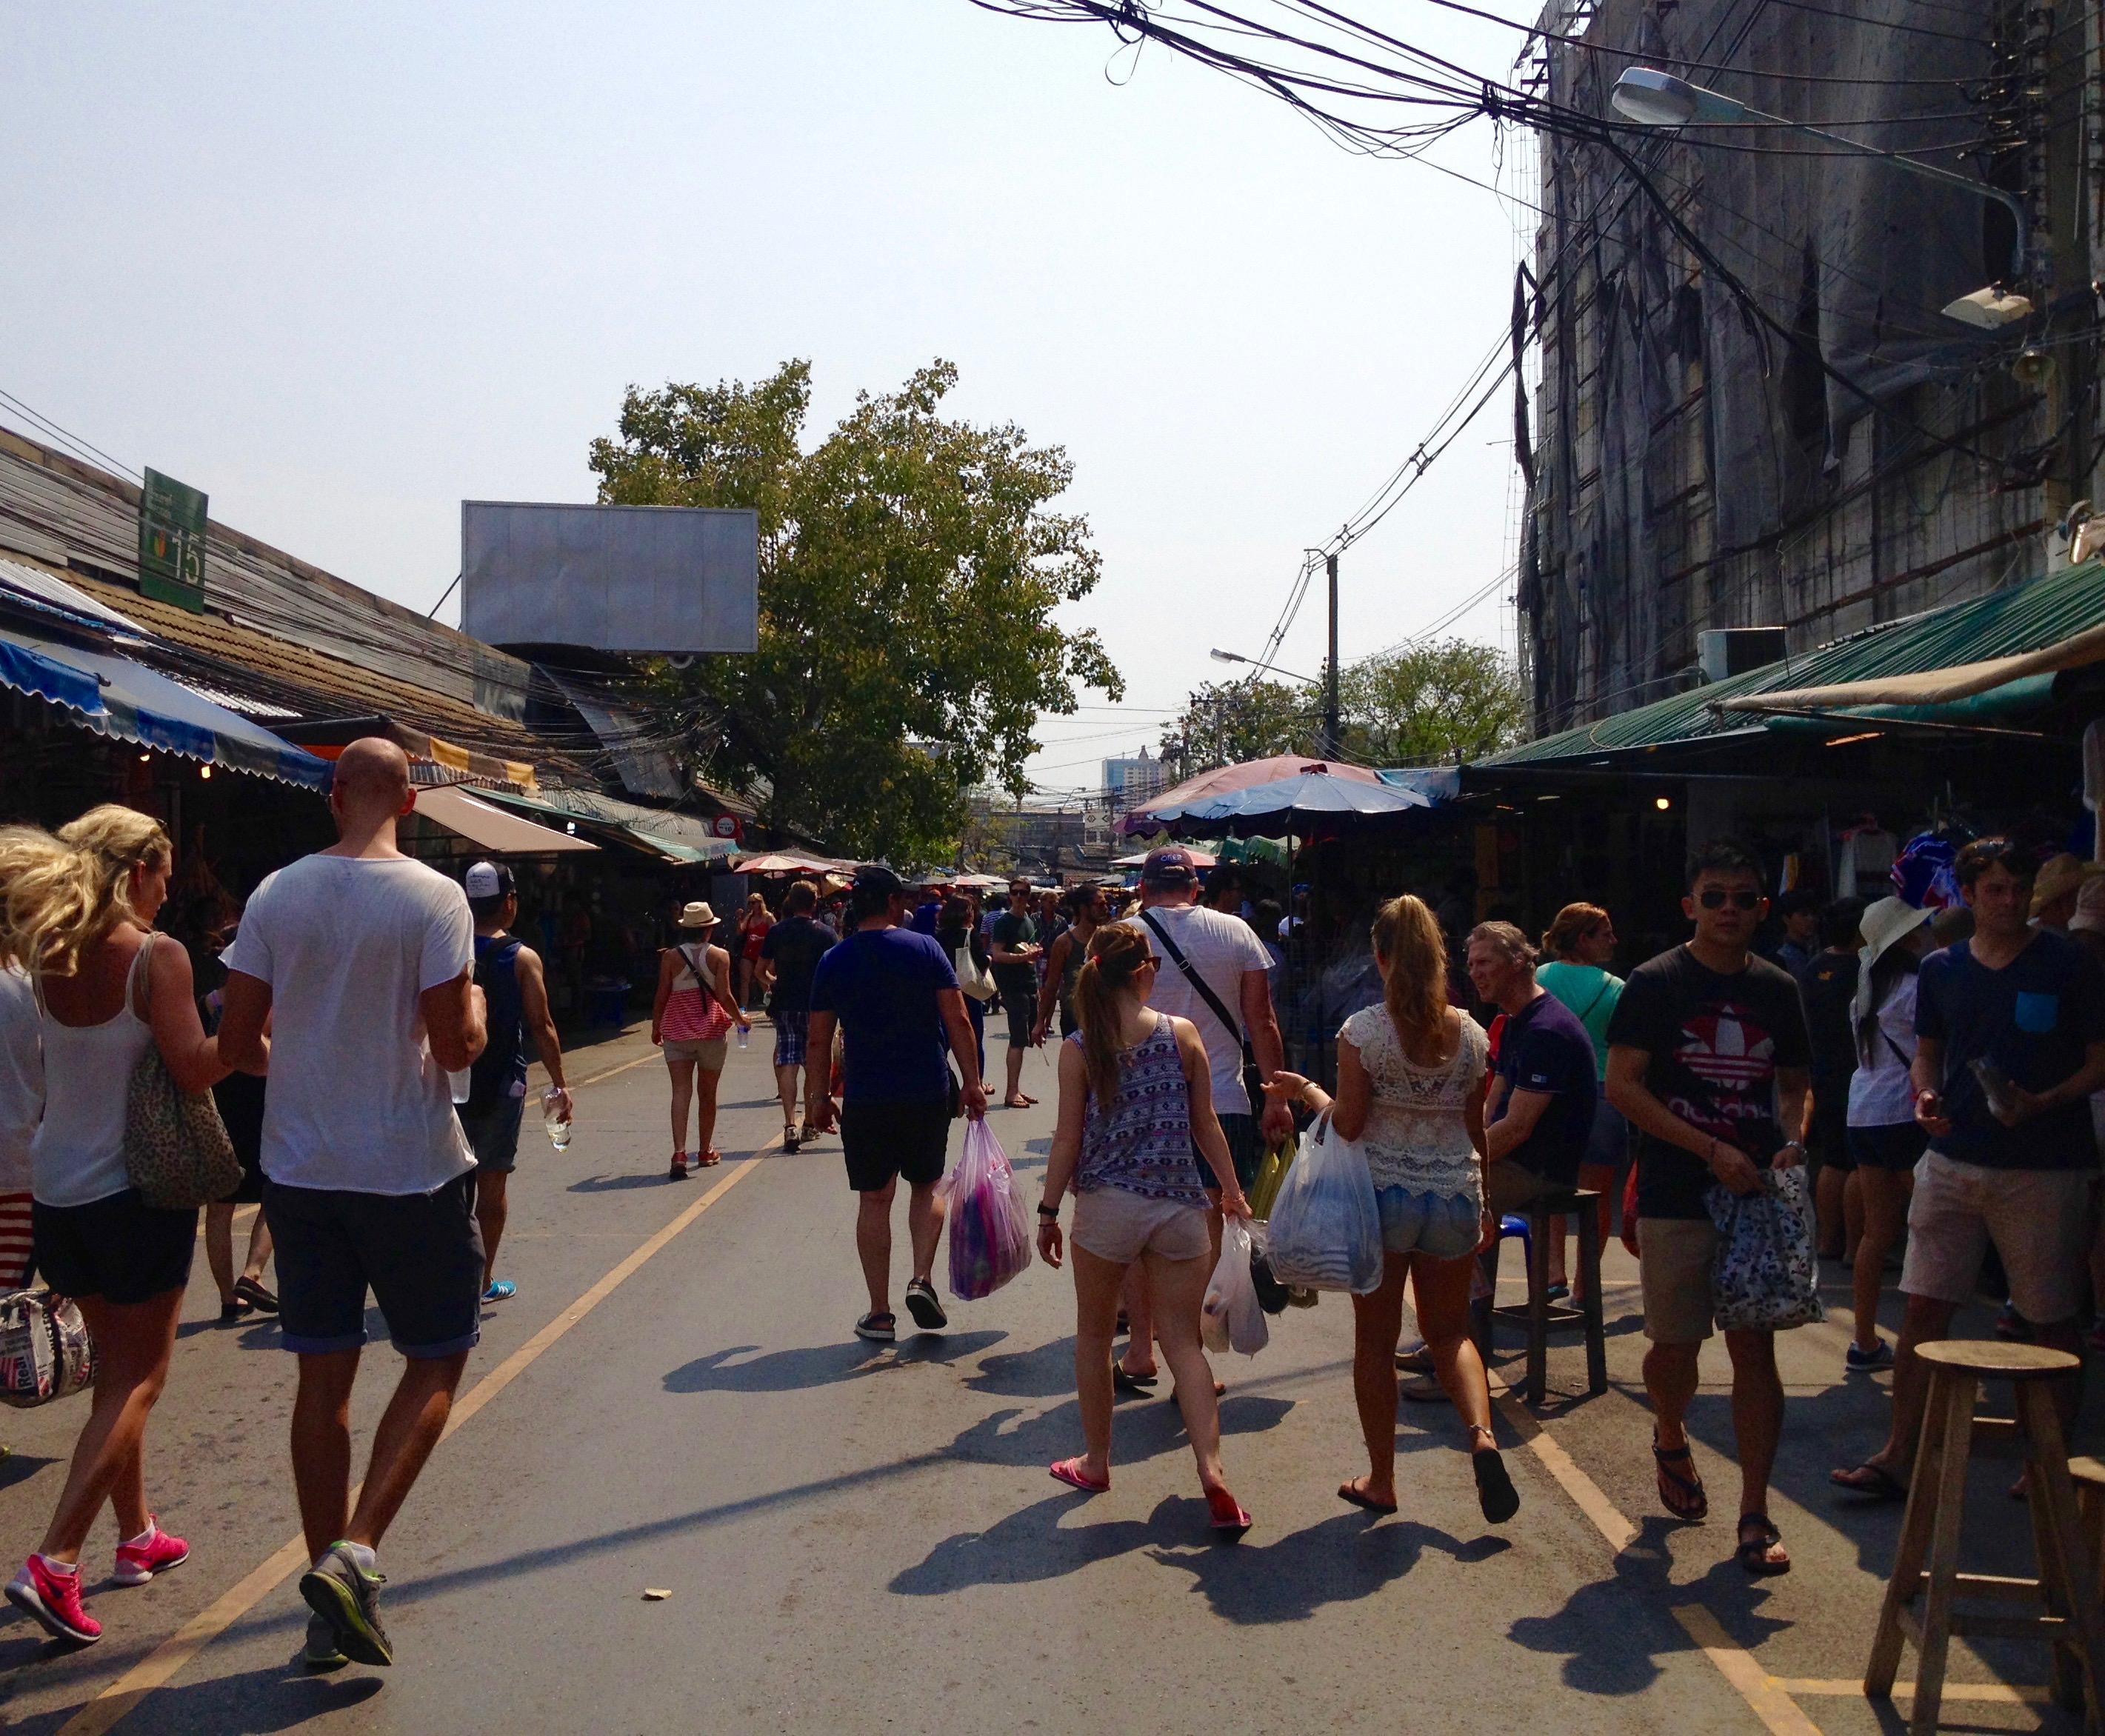 バンコクのチャトゥチャック ウィークエンドマーケット。観光に役立つ情報。